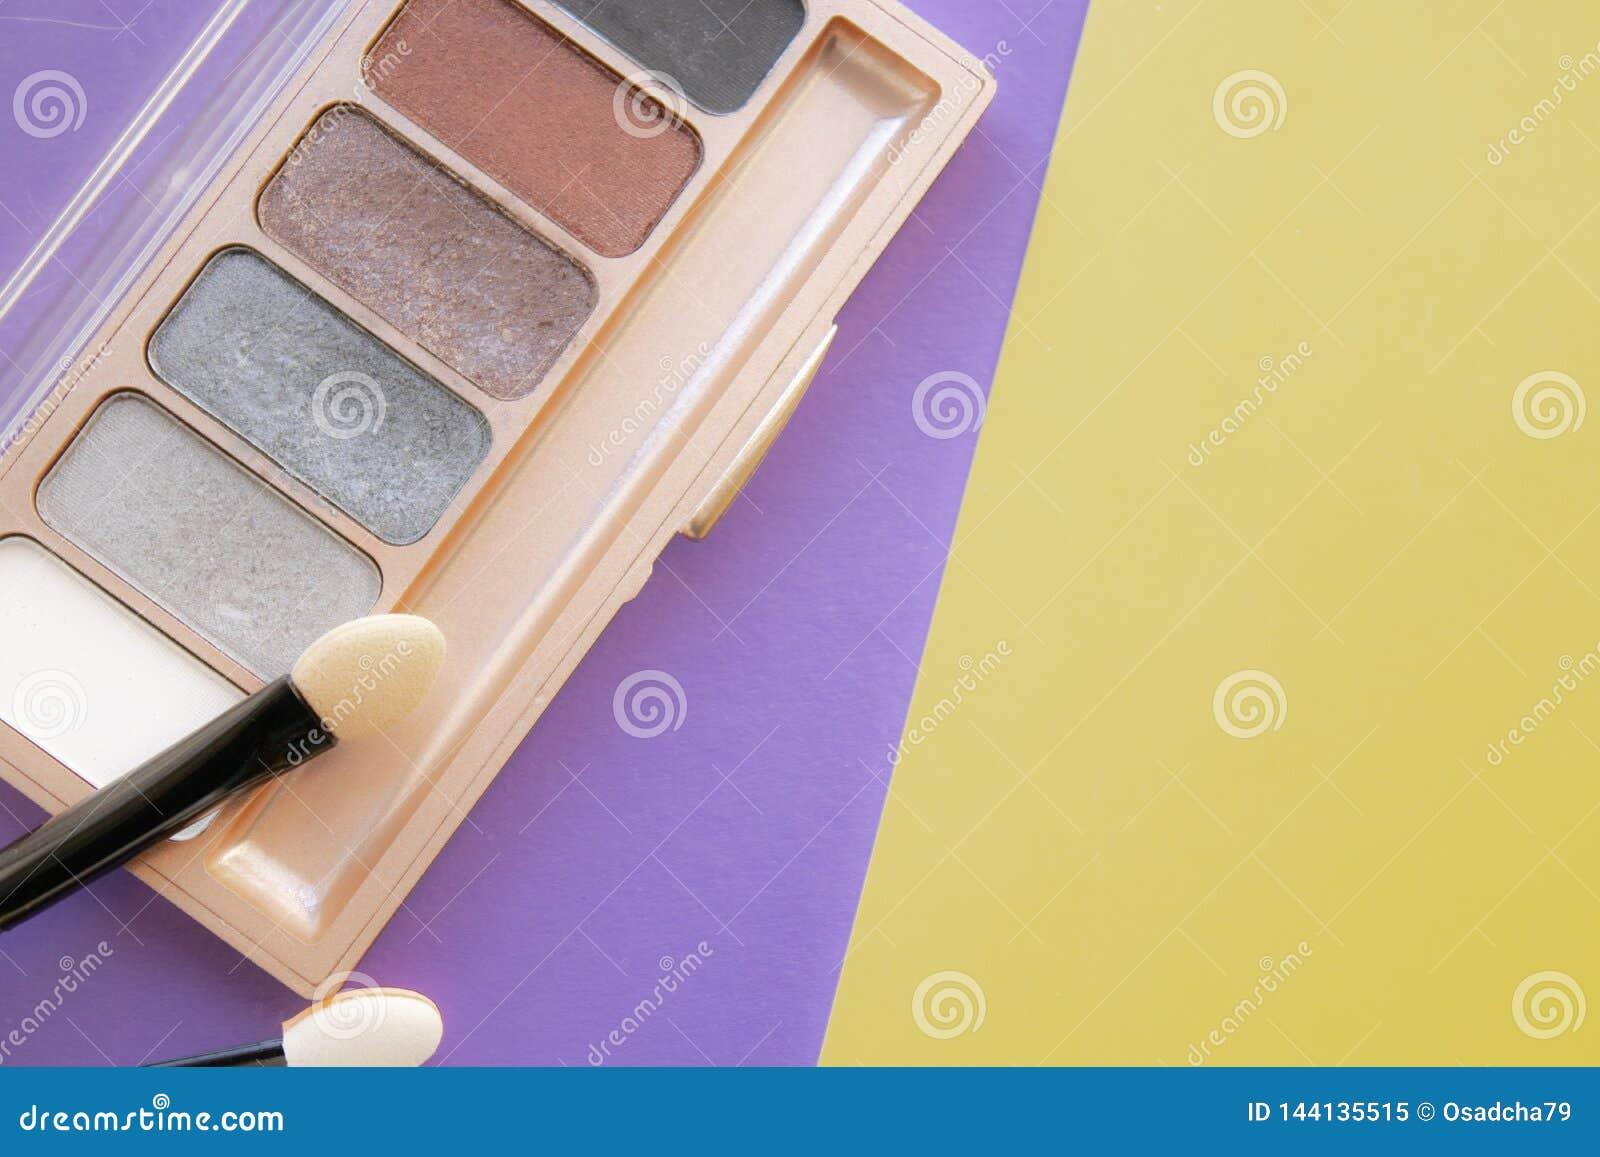 Accessoires cosmétiques Une brosse, fard à paupières sur un jaune, fond pourpre